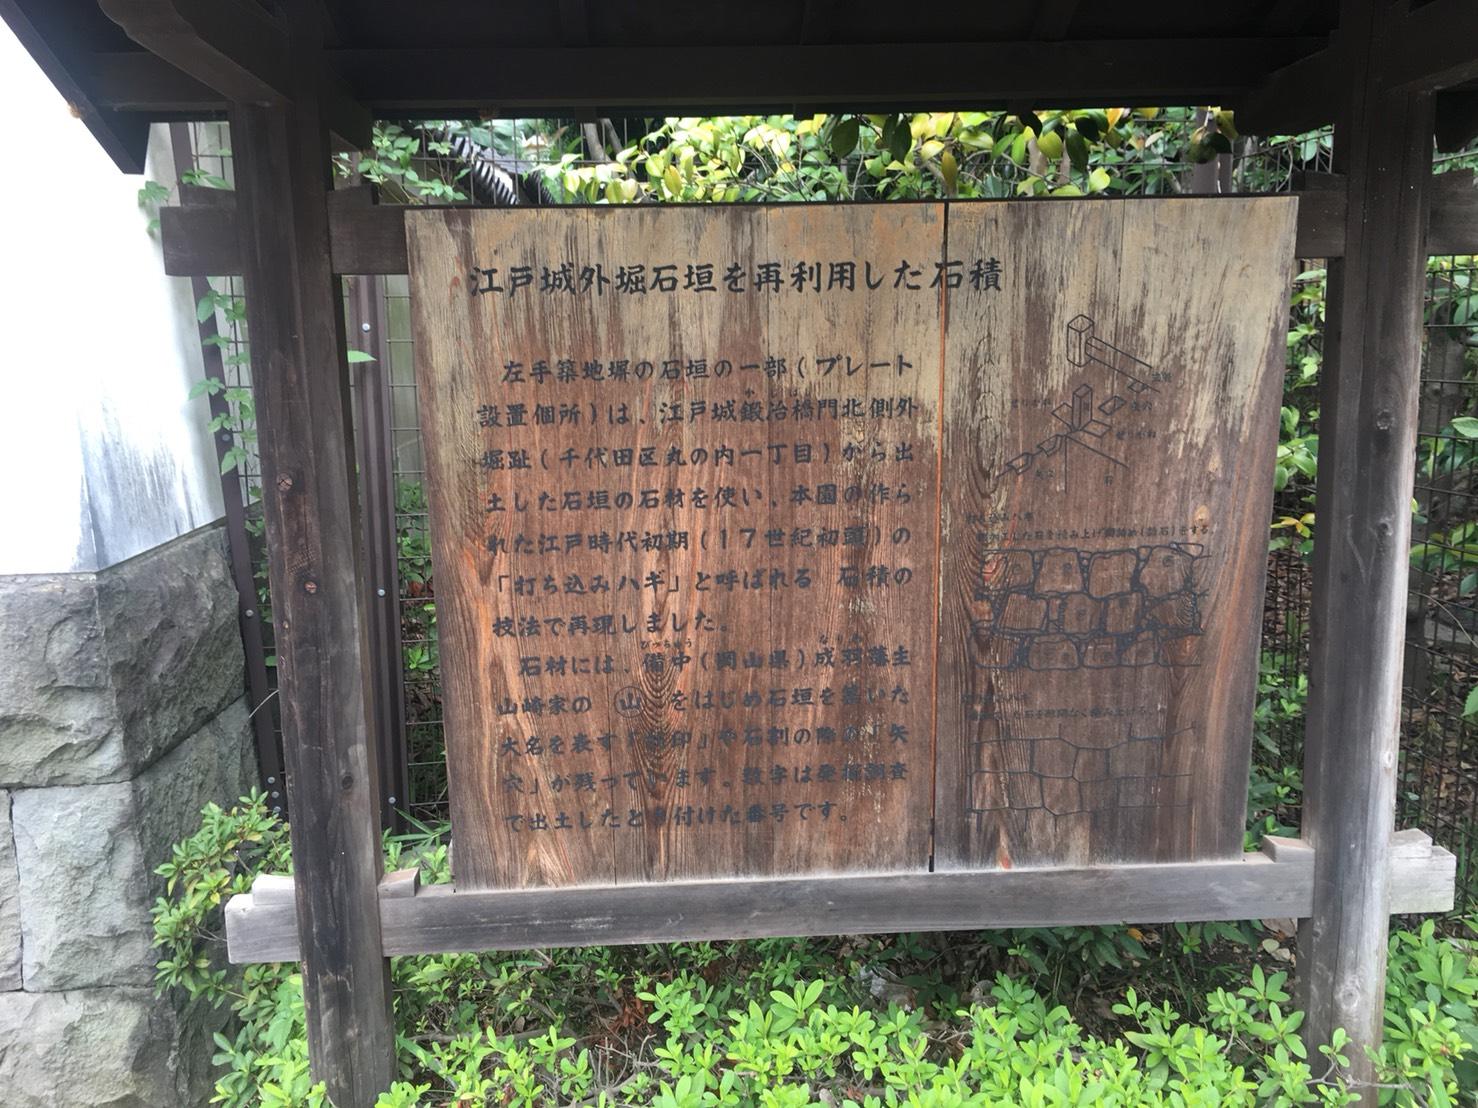 【飯田橋駅】江戸時代の中国趣味豊かな景観で一句「小石川後楽園」の石垣の説明書き